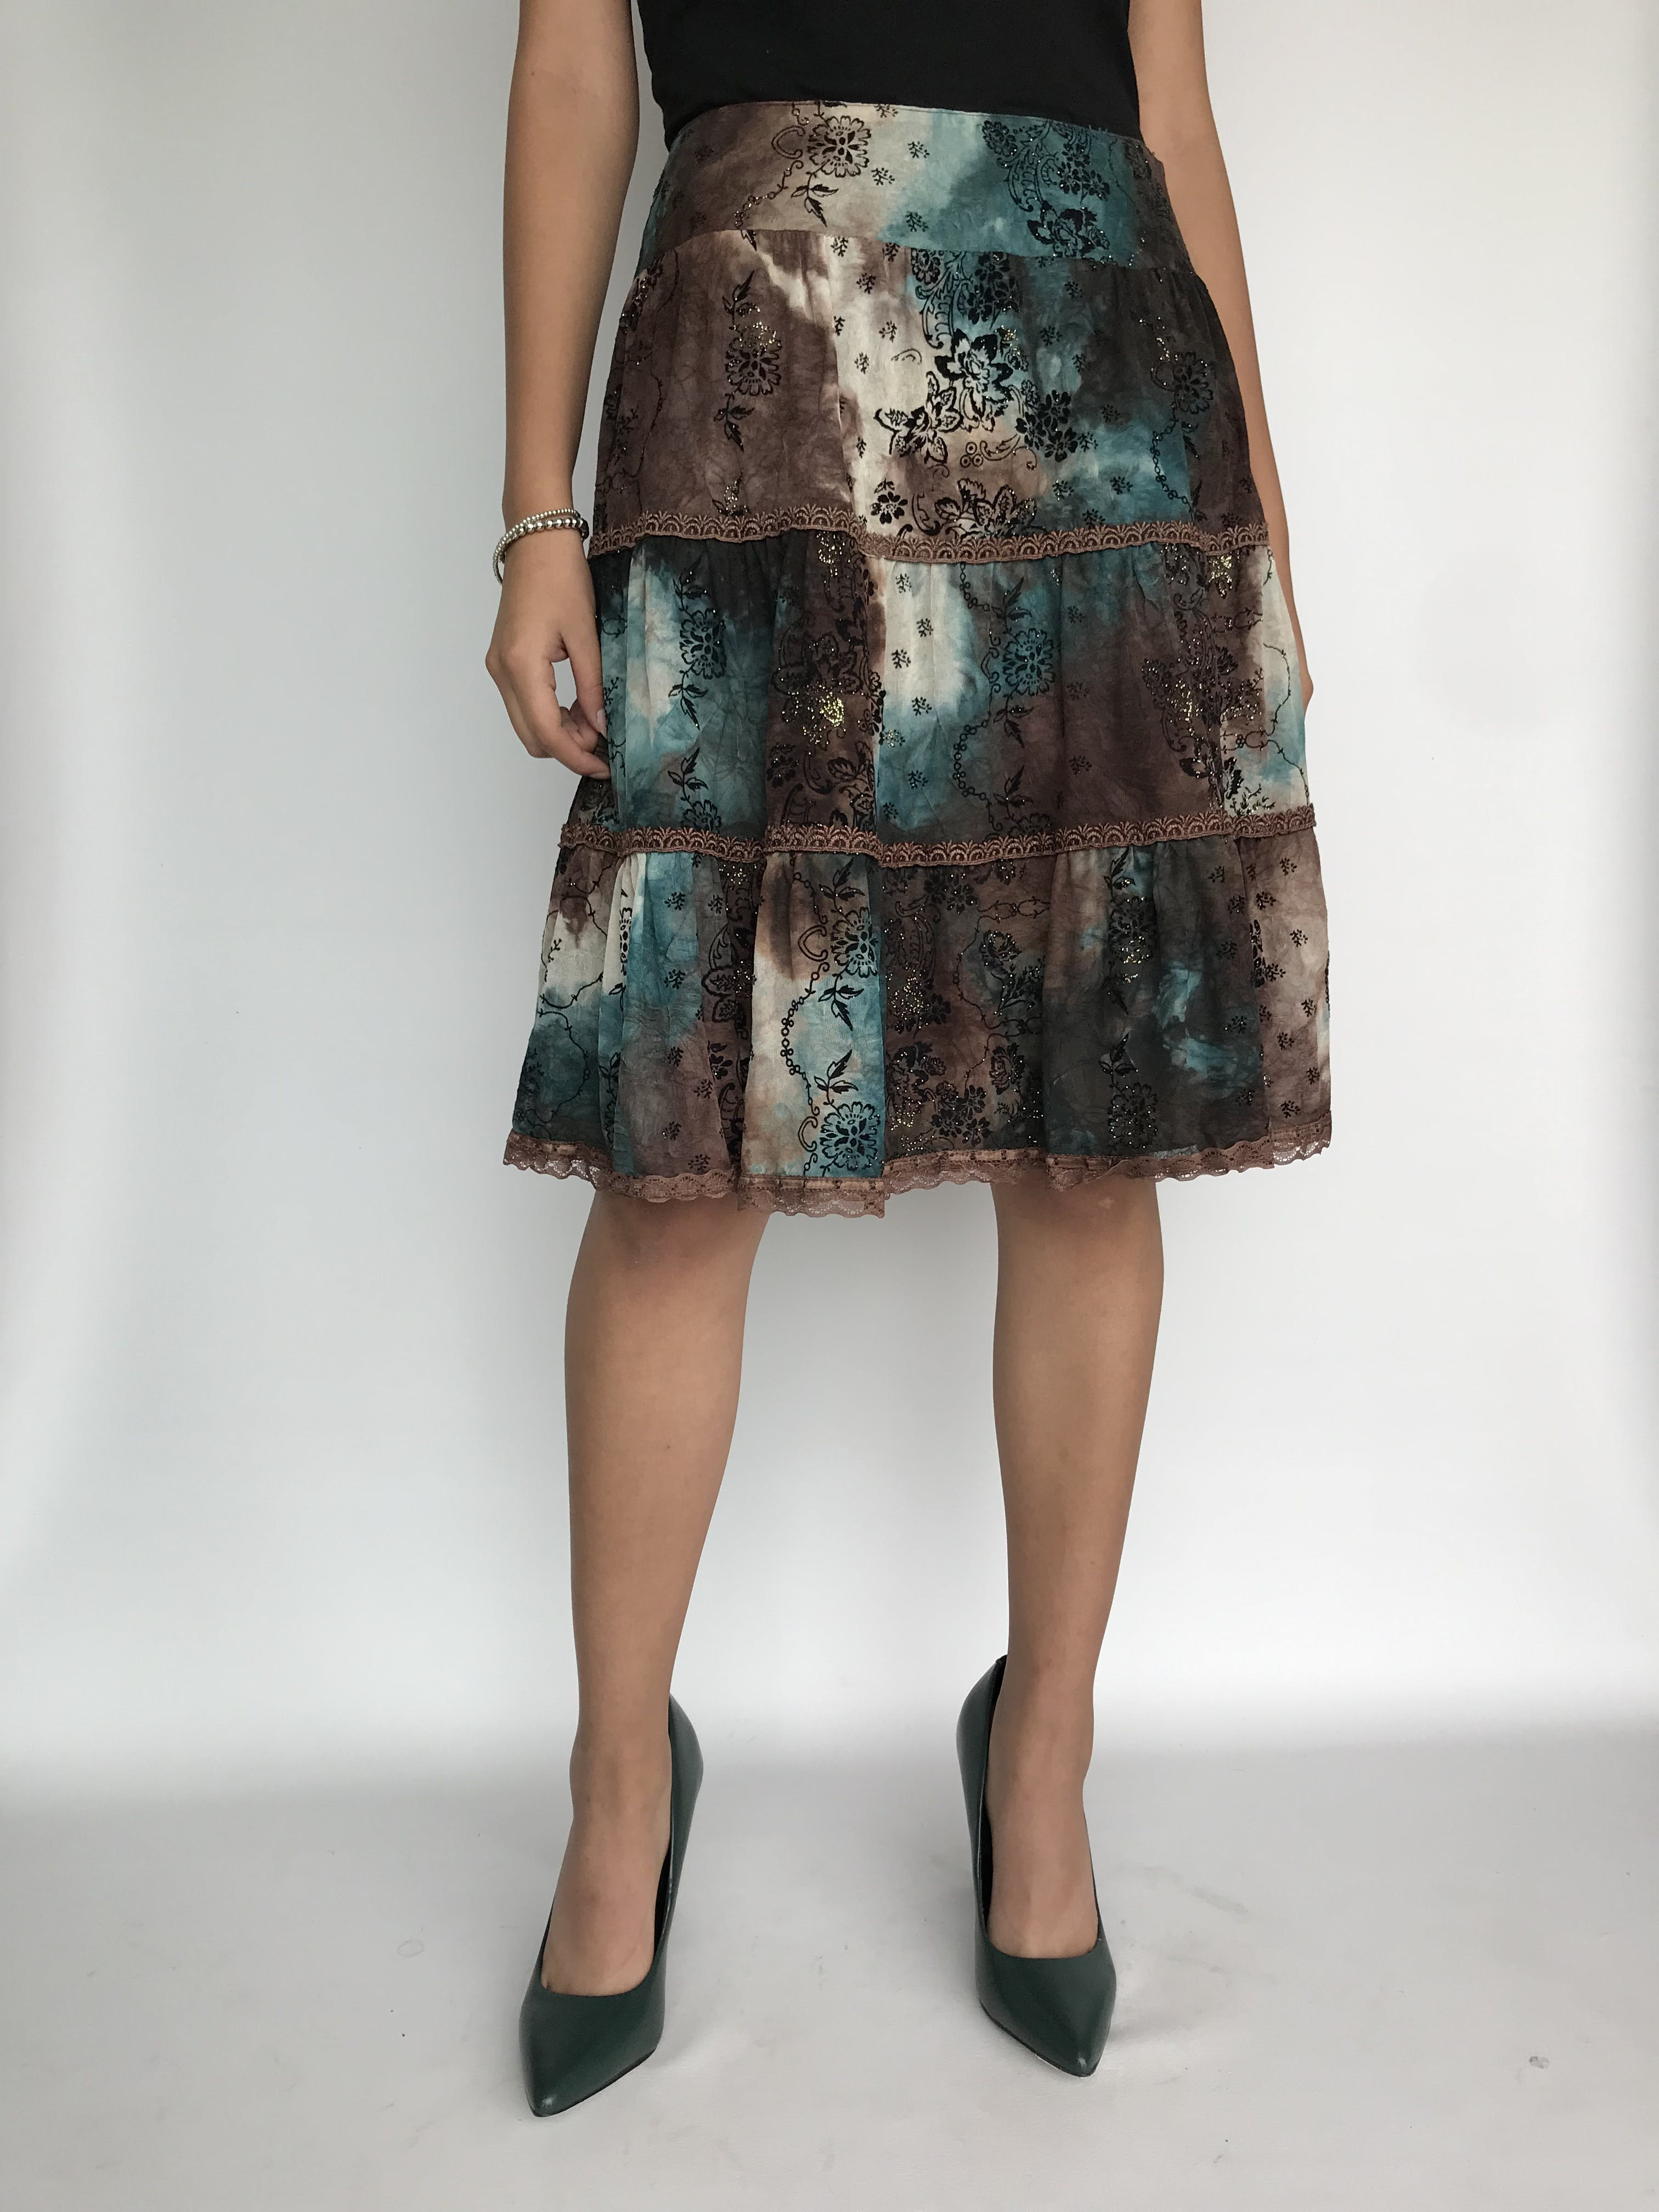 Falda Emporium a la rodilla, línea en A  sin pretina, 3 tiempos, de gasa marrón crema y verde, forrada, con estampado de flores negras en plush.   Talla M